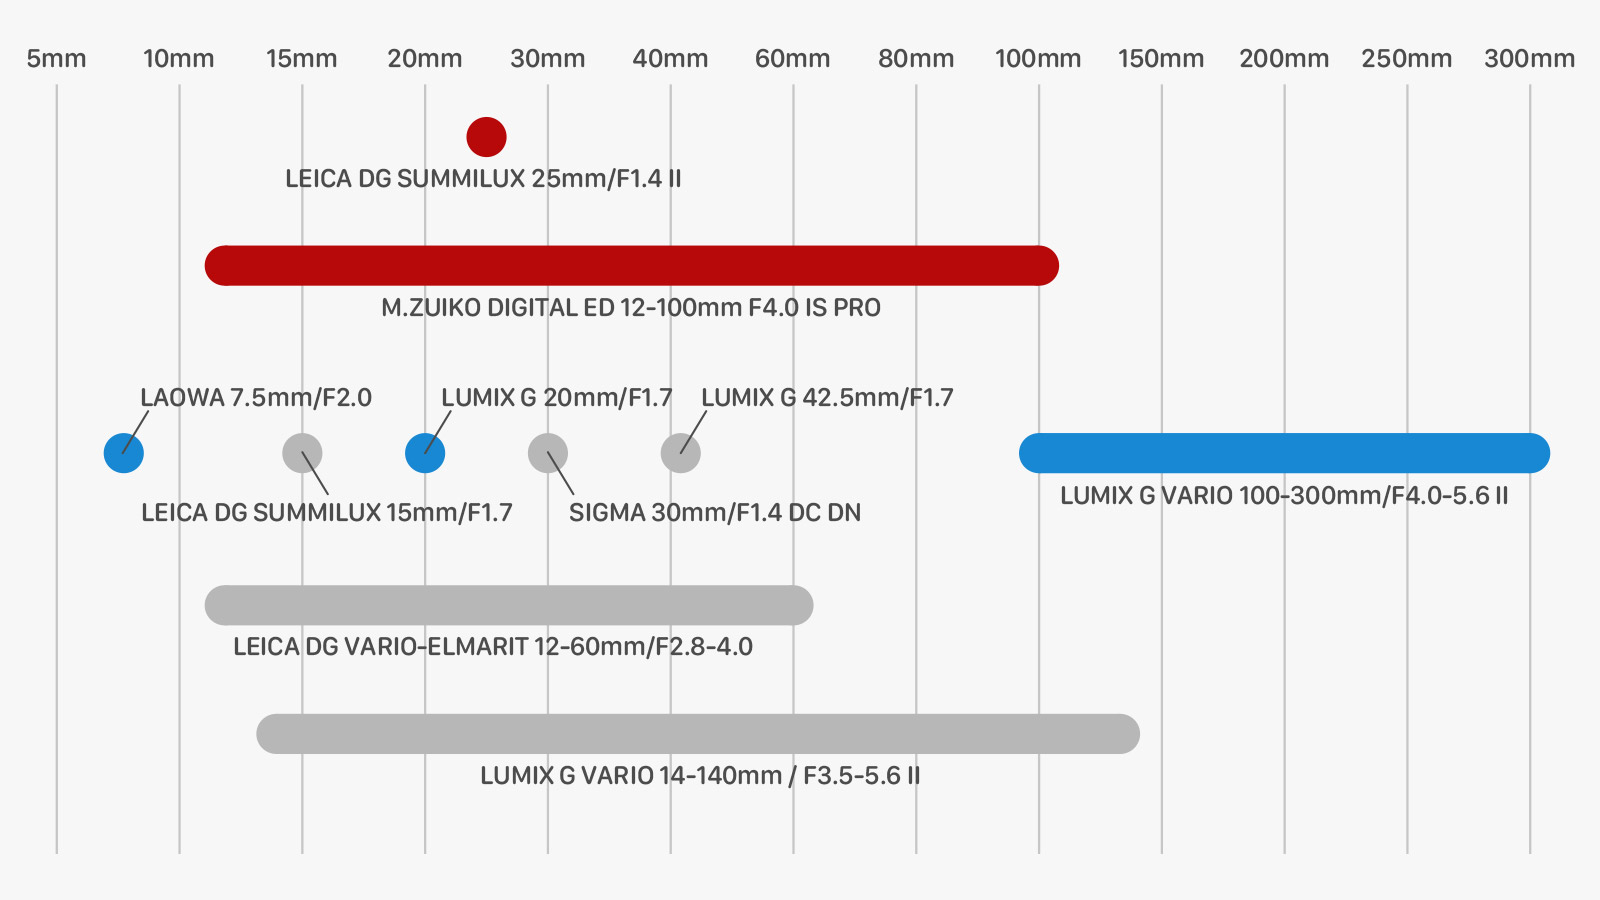 メインレンズをオリ 12-100mm/f4.0に変更